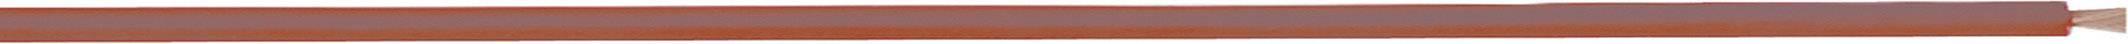 Merací vodič LappKabel 4560026S LiFY, 1 x 1 mm², vonkajší Ø 2.90 mm, metrový tovar, červená